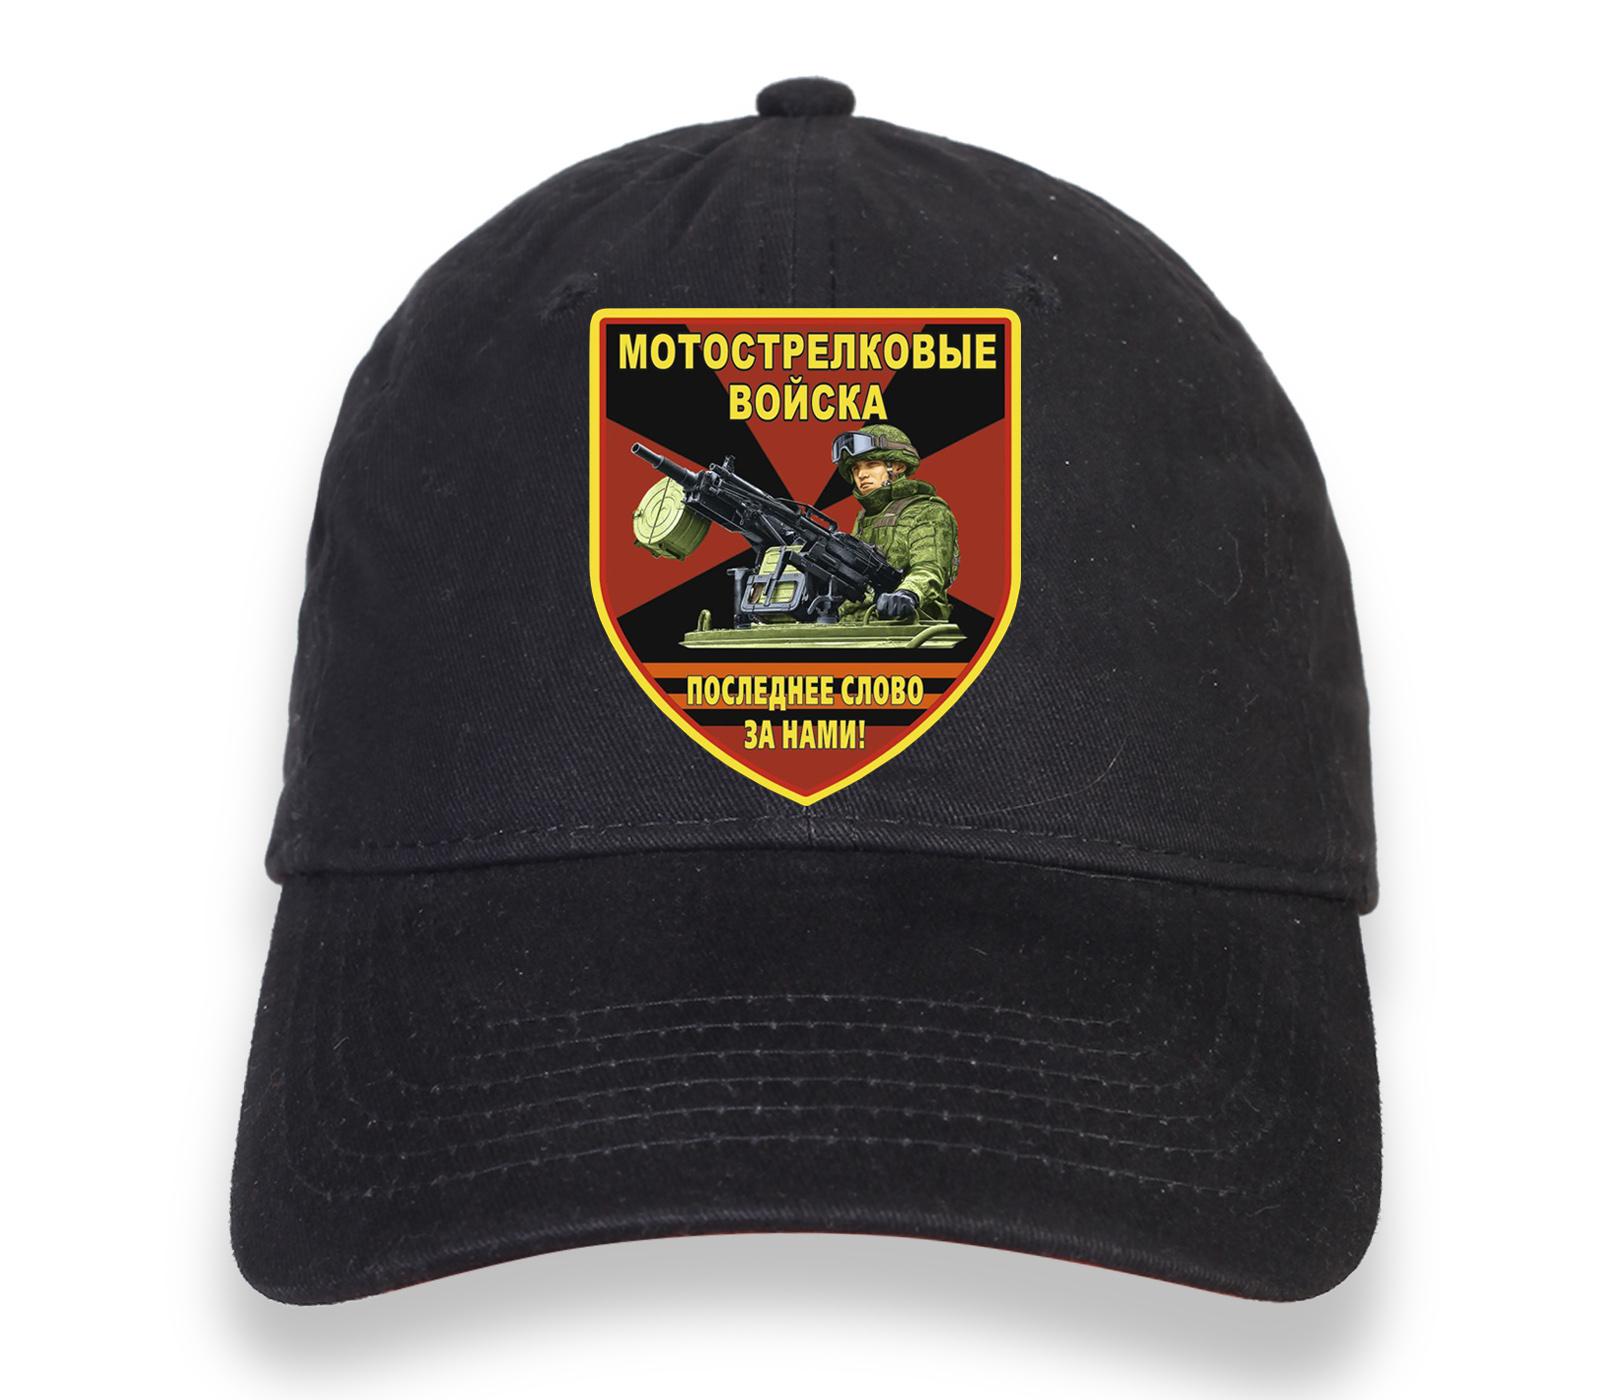 """Чёрная бейсболка """"Мотострелковые войска"""" с девизом"""